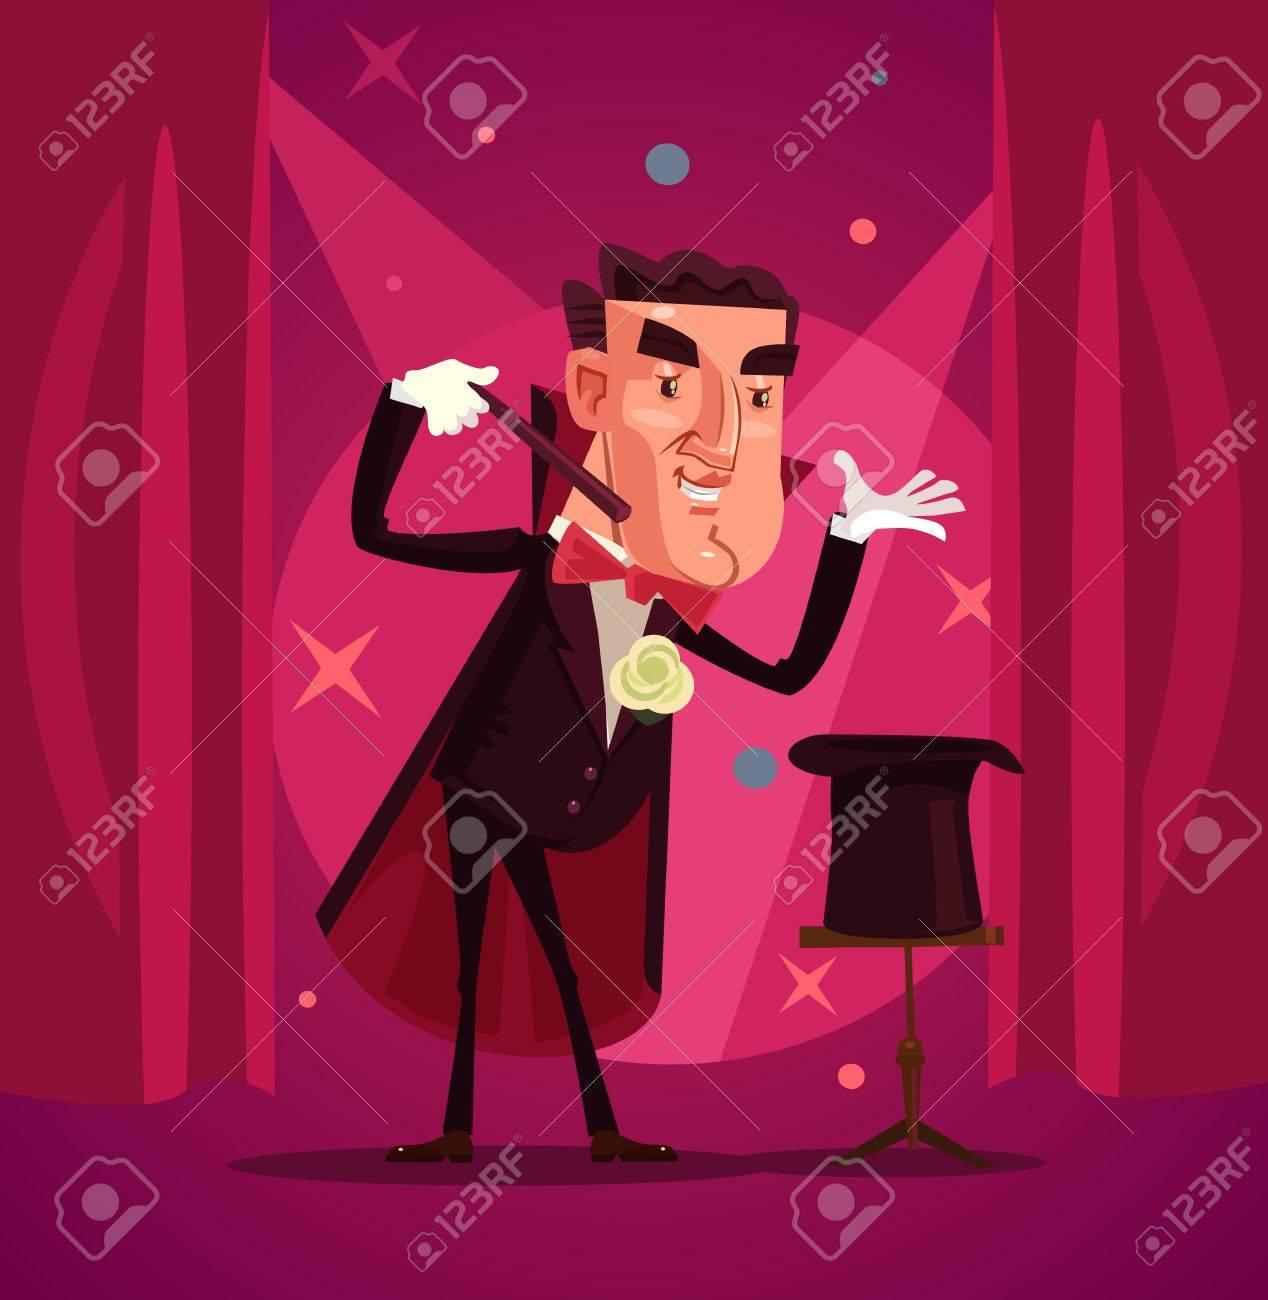 Happy smiling magician. Vector flat cartoon illustration - 83805544